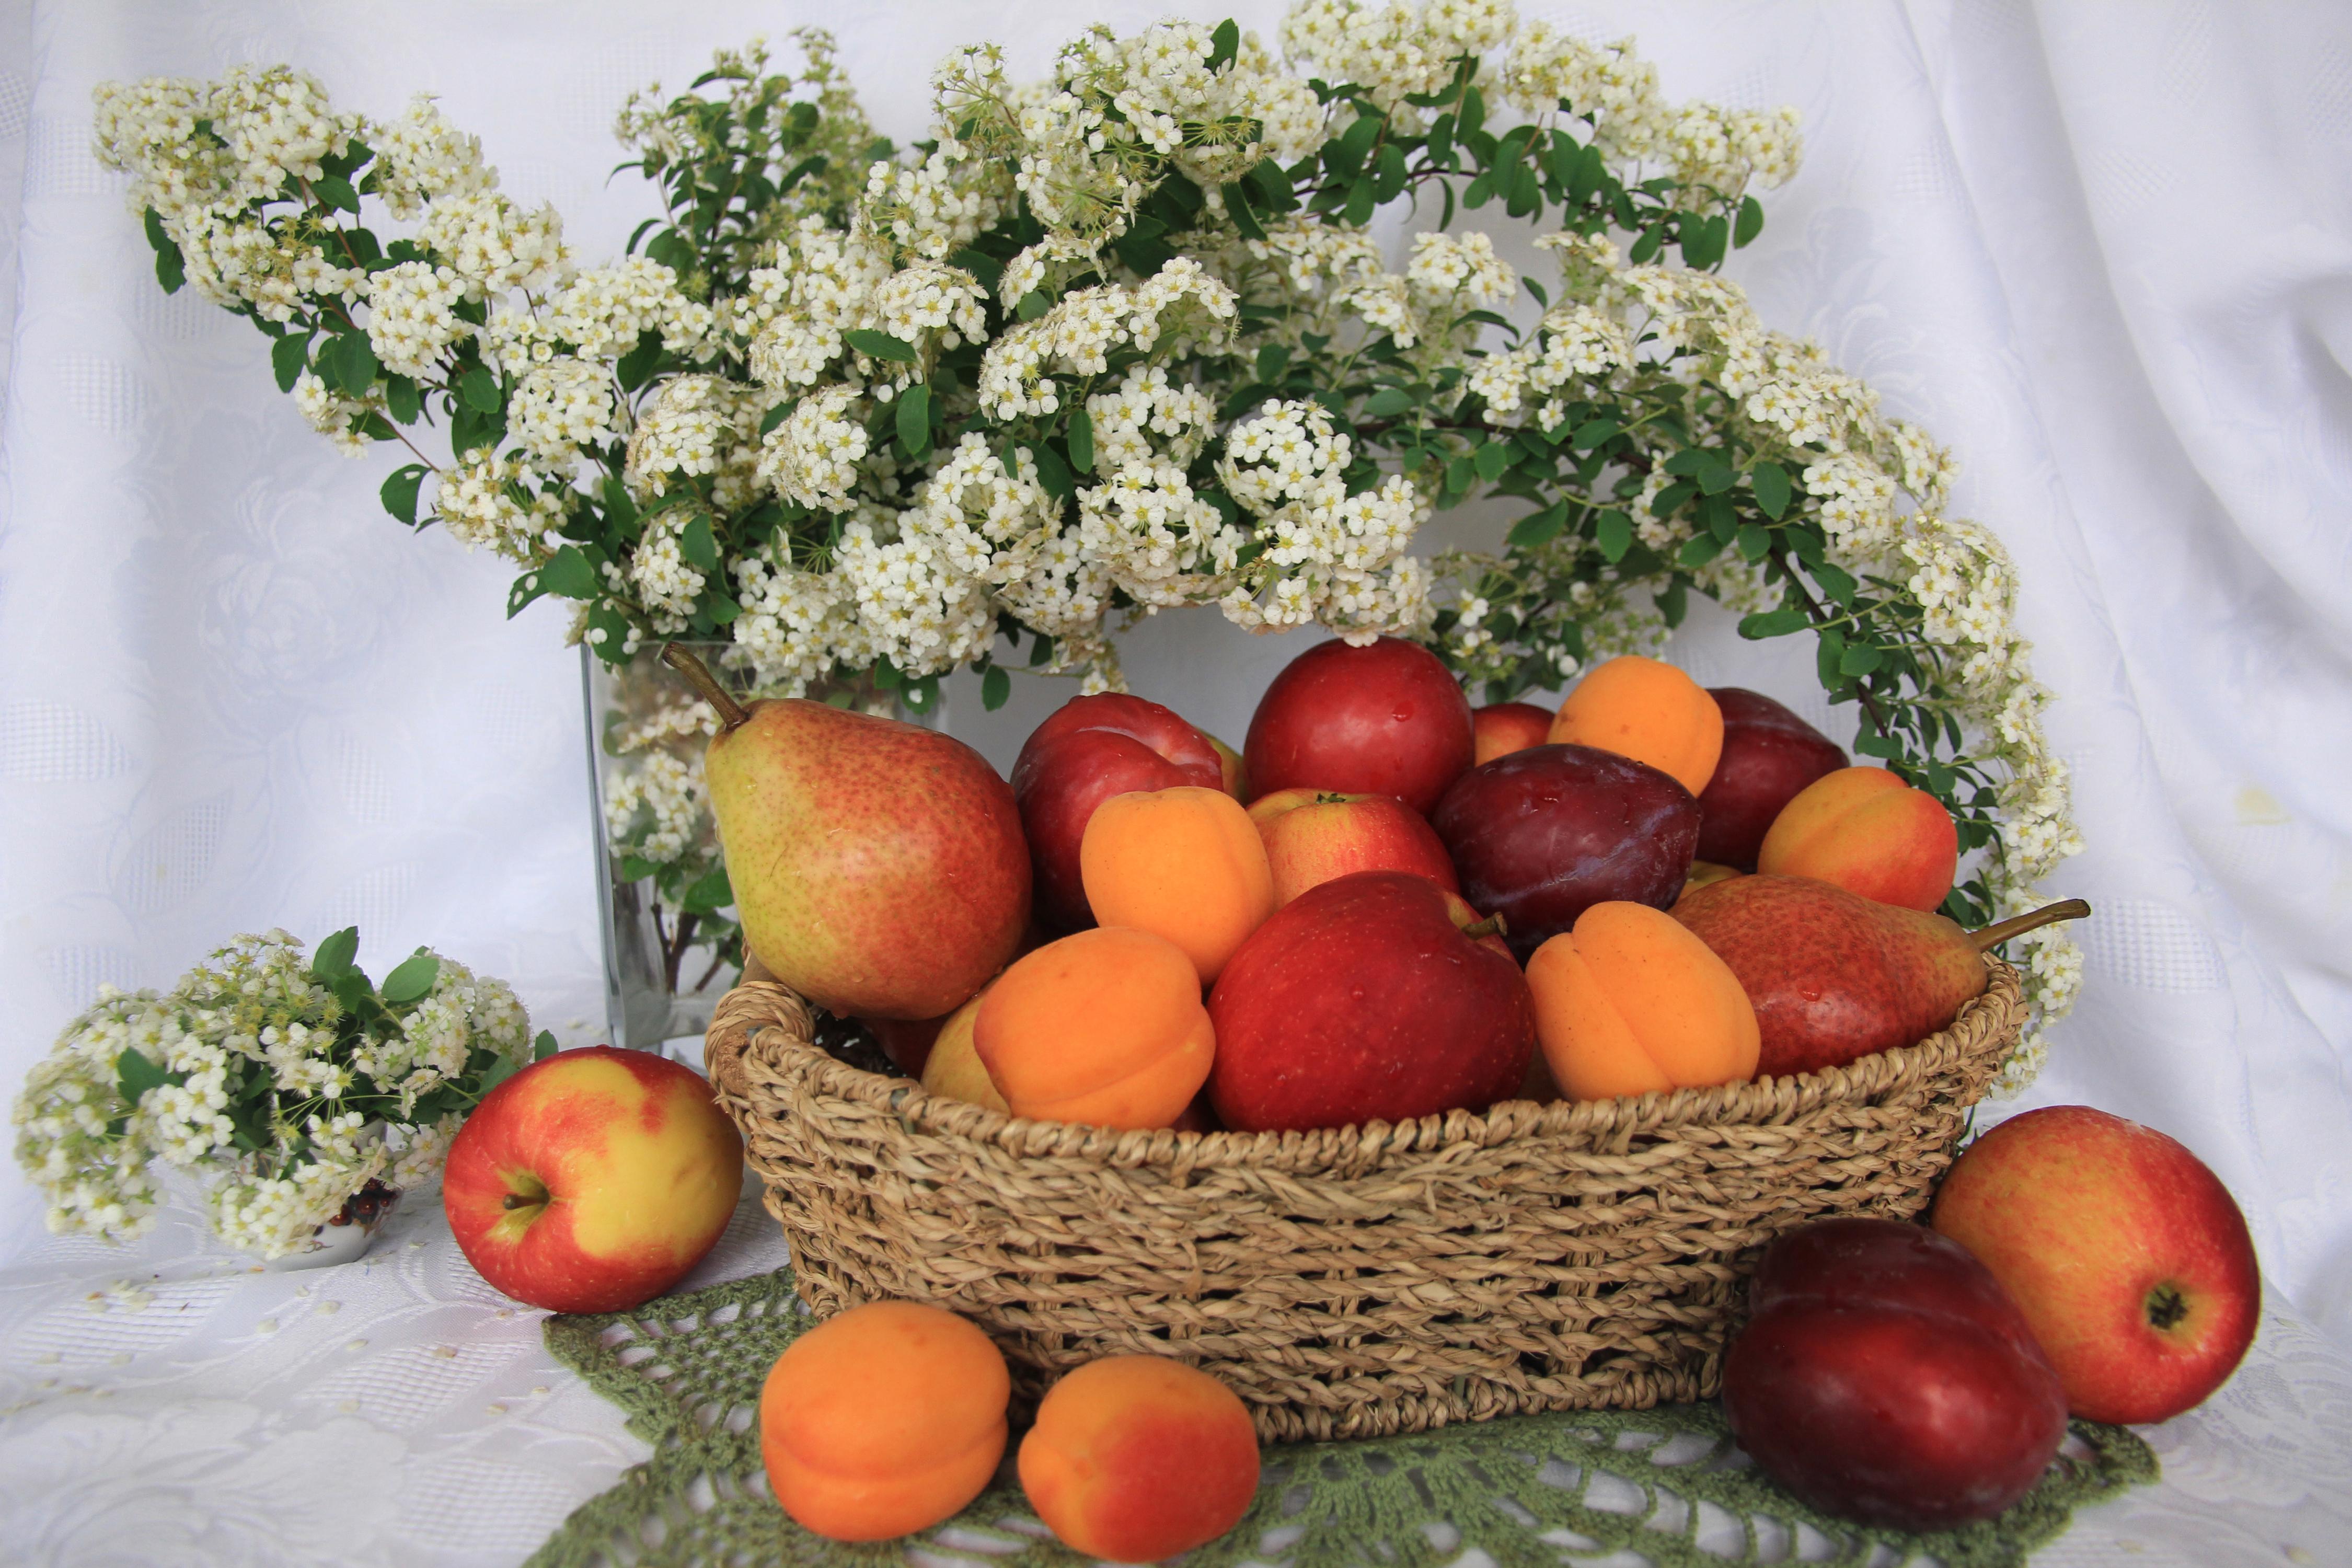 фарм-команду картинки с фруктами и цветами фото анфисе был лёгкий